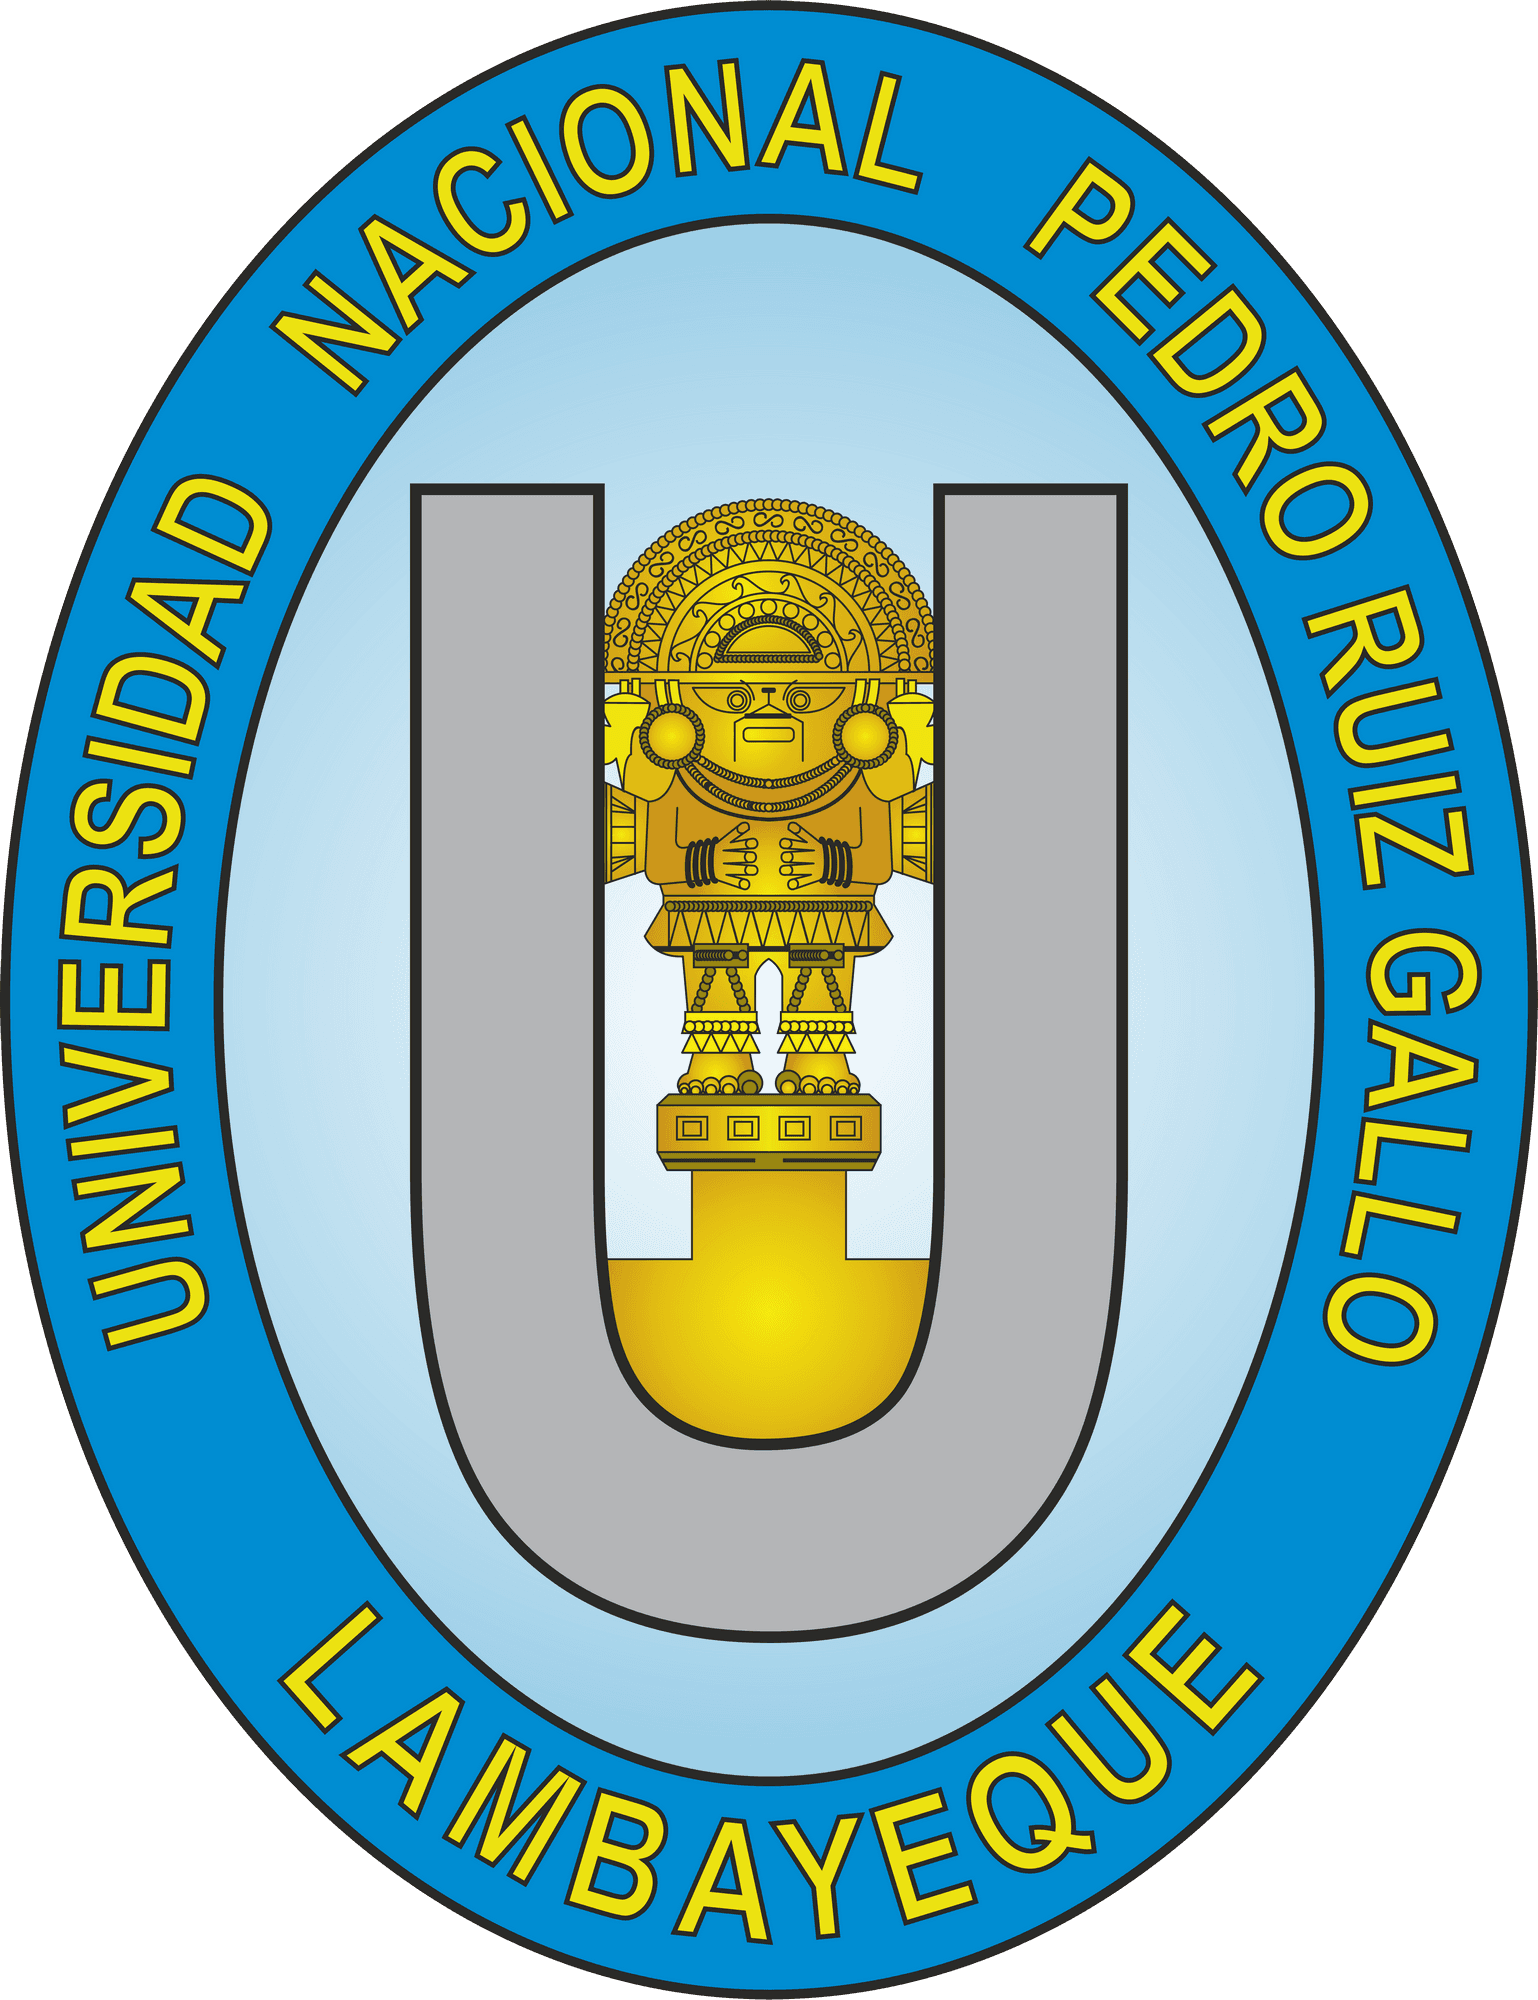 Logo de la Universidad Nacional Pedro Ruiz Gallo